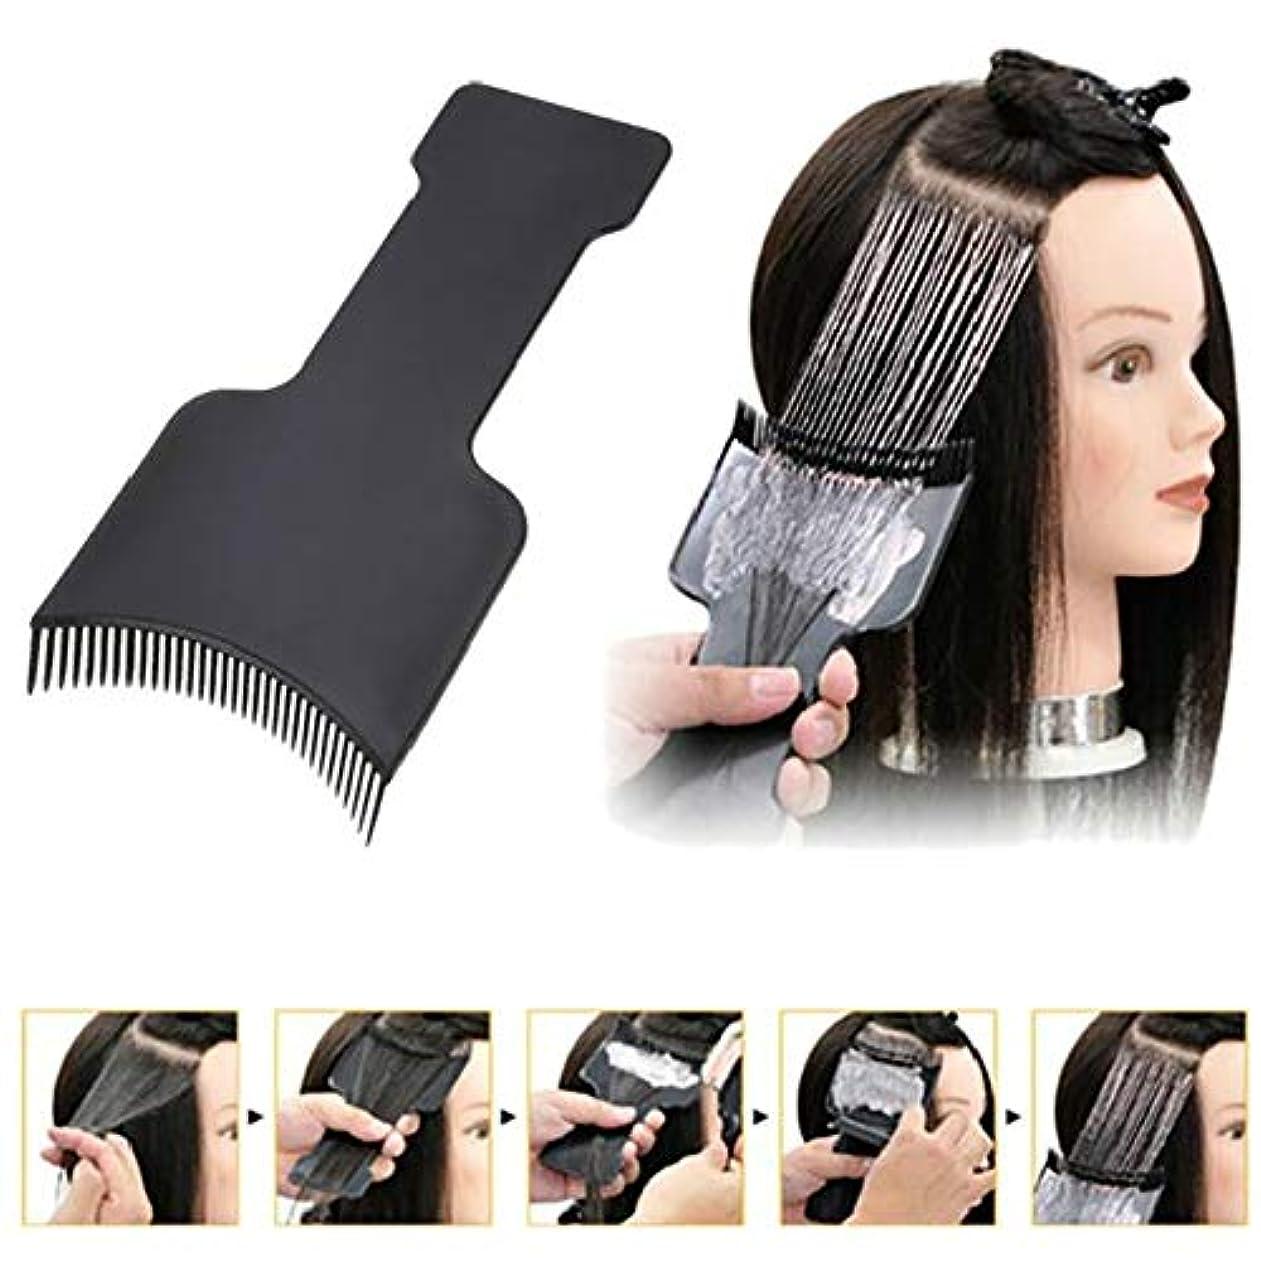 軽蔑する怖がらせる頭蓋骨プロのファッション理髪ヘアアプリケータブラシ調剤サロンヘアカラーリング染色ピックカラーボードヘアスタイリングツール (3PC,ブラック)